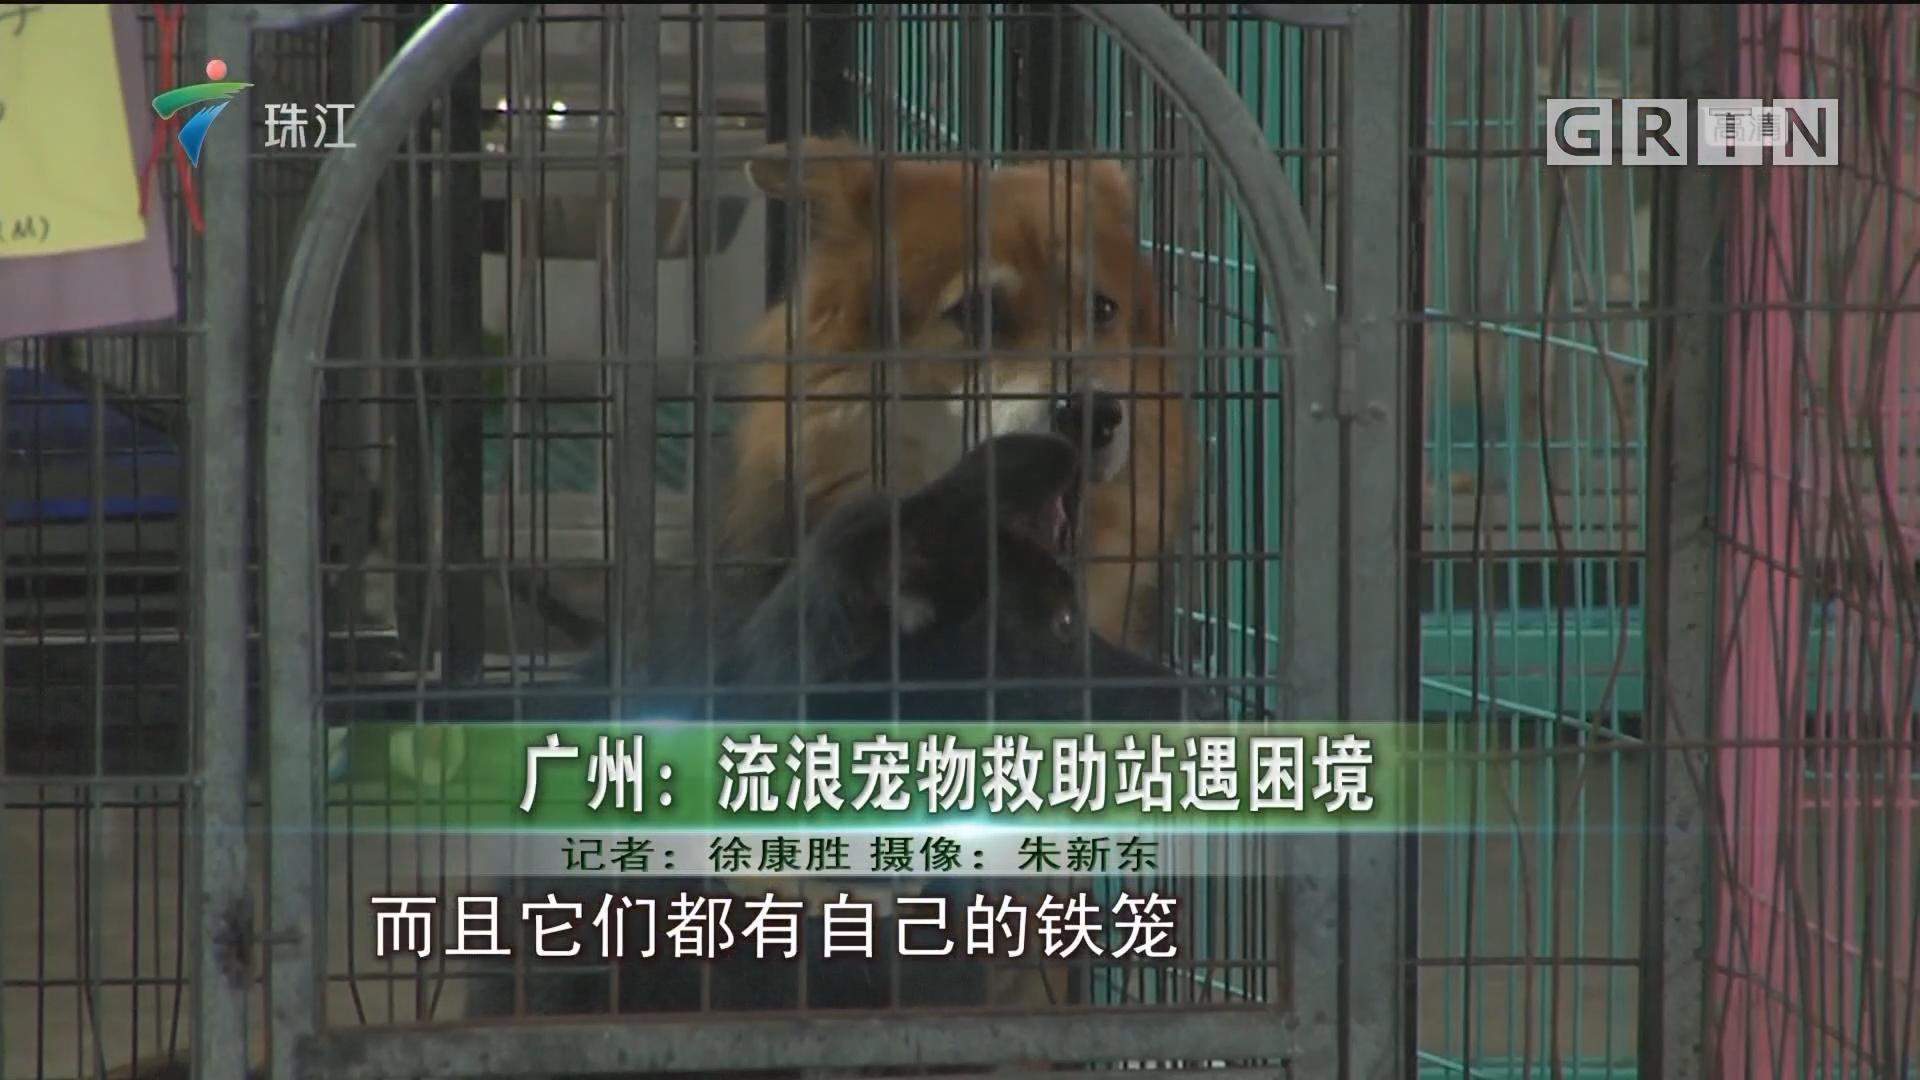 广州:流浪宠物救助站遇困境